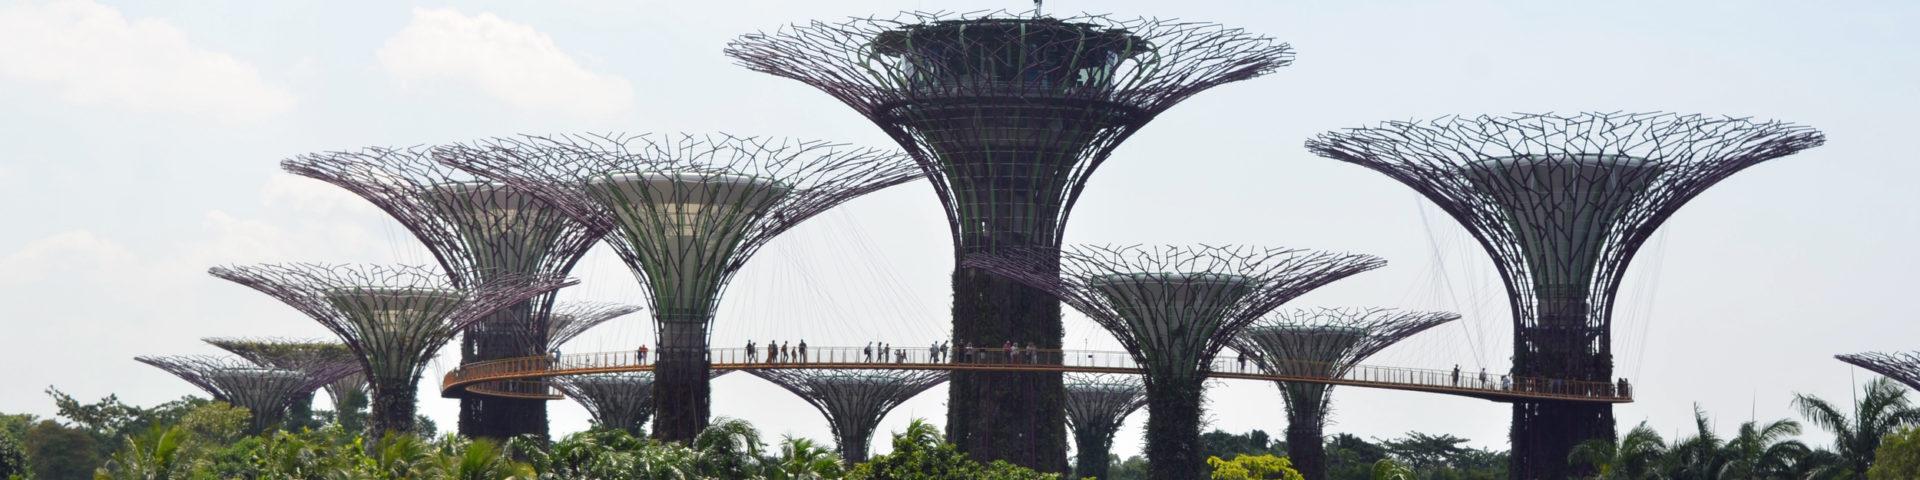 Garden Singapore